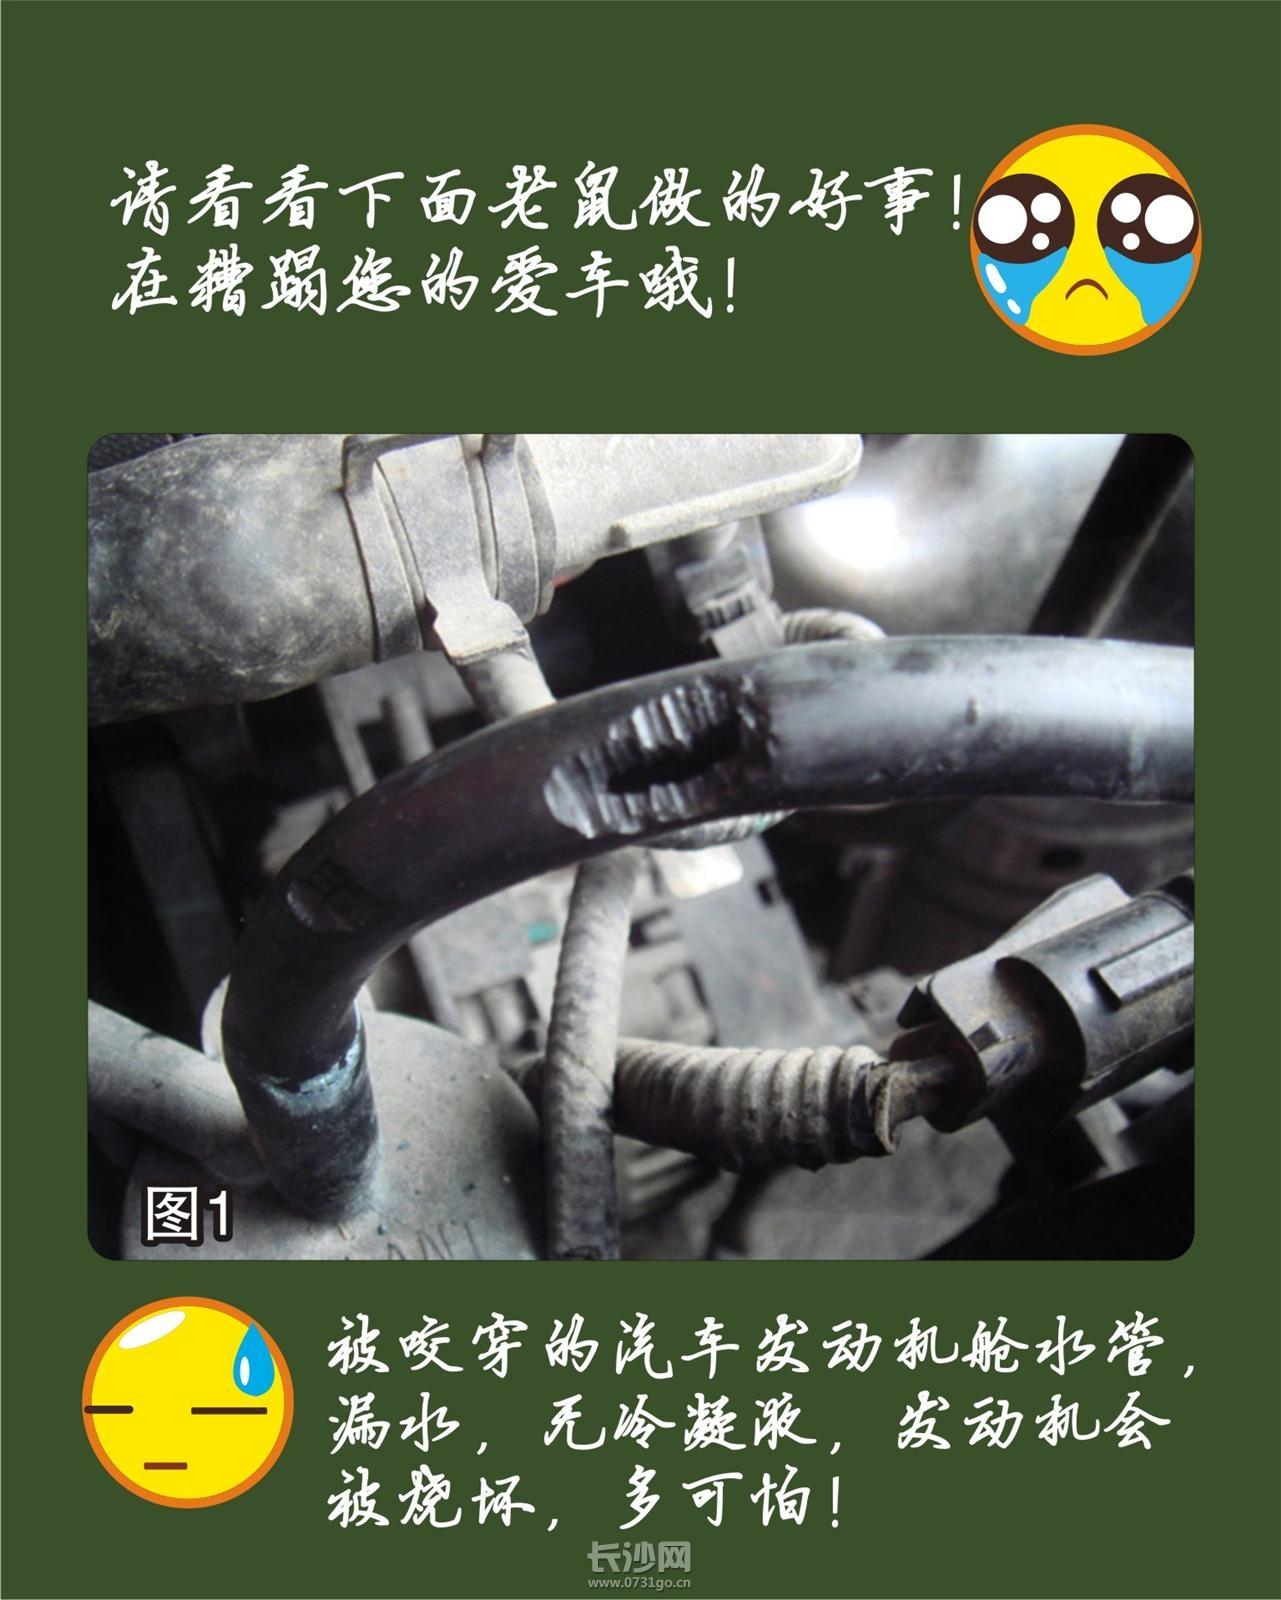 PIC_20120709_093954_85A_M.jpg